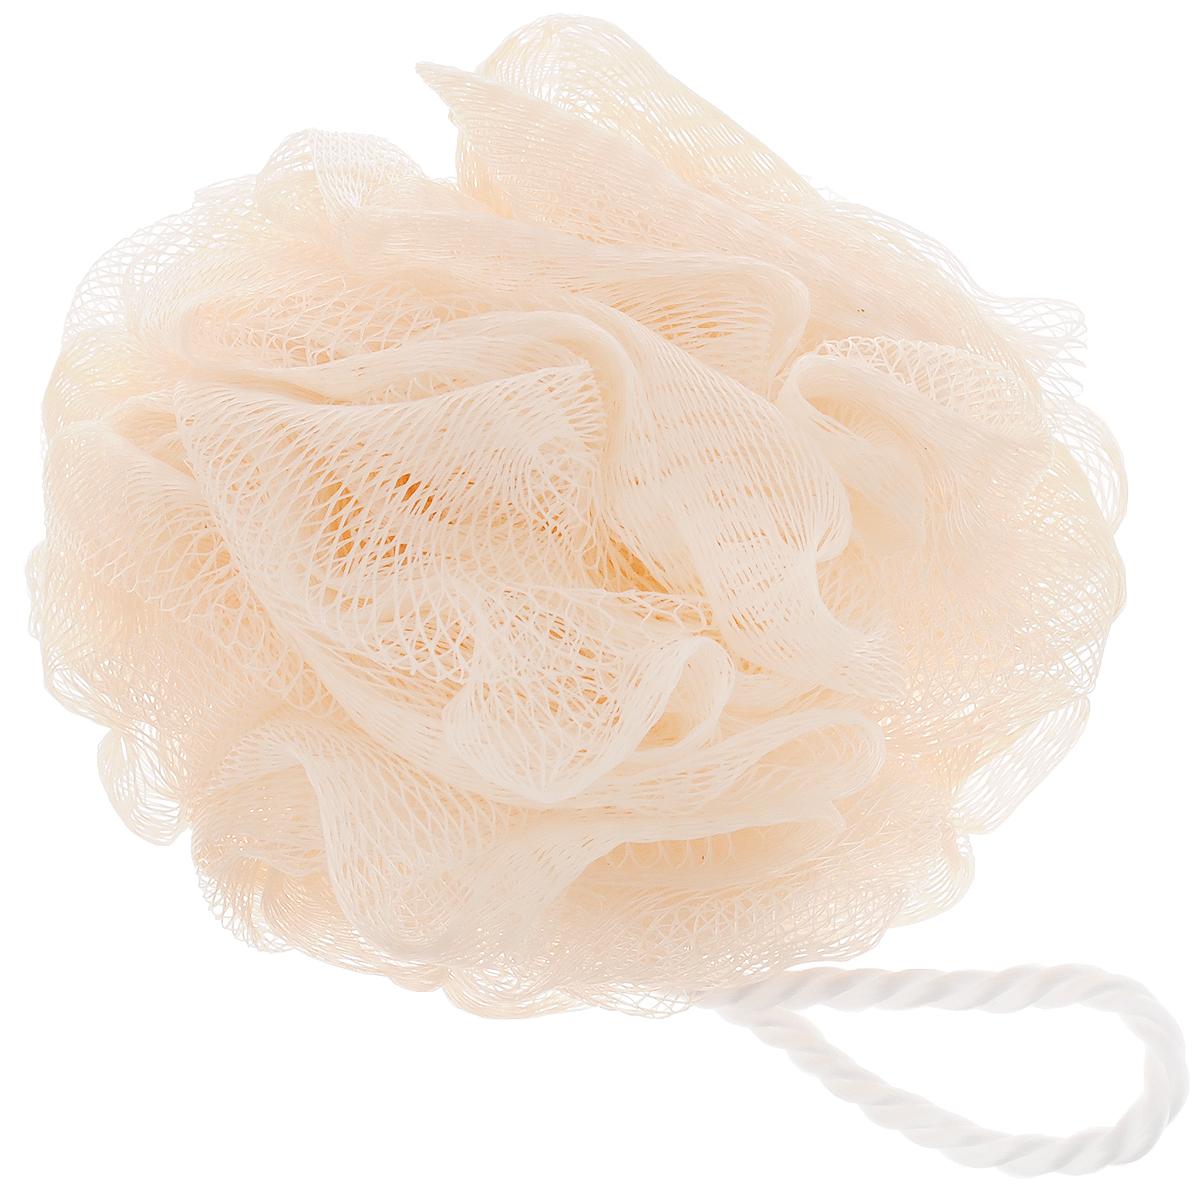 Мочалка Ikeep Роза, цвет: персиковый, диаметр 13 смТП101_персиковыйМочалка Ikeep Роза, выполненная из полиэстера, предназначена для мягкого очищения кожи. Она станет незаменимым аксессуаром ванной комнаты. Мочалка отлично пенится, обладает легким пилинговым и массажным эффектом, идеально подходит для нежной и чувствительной кожи. На мочалке имеется удобная петля для подвешивания. Диаметр: 13 см.